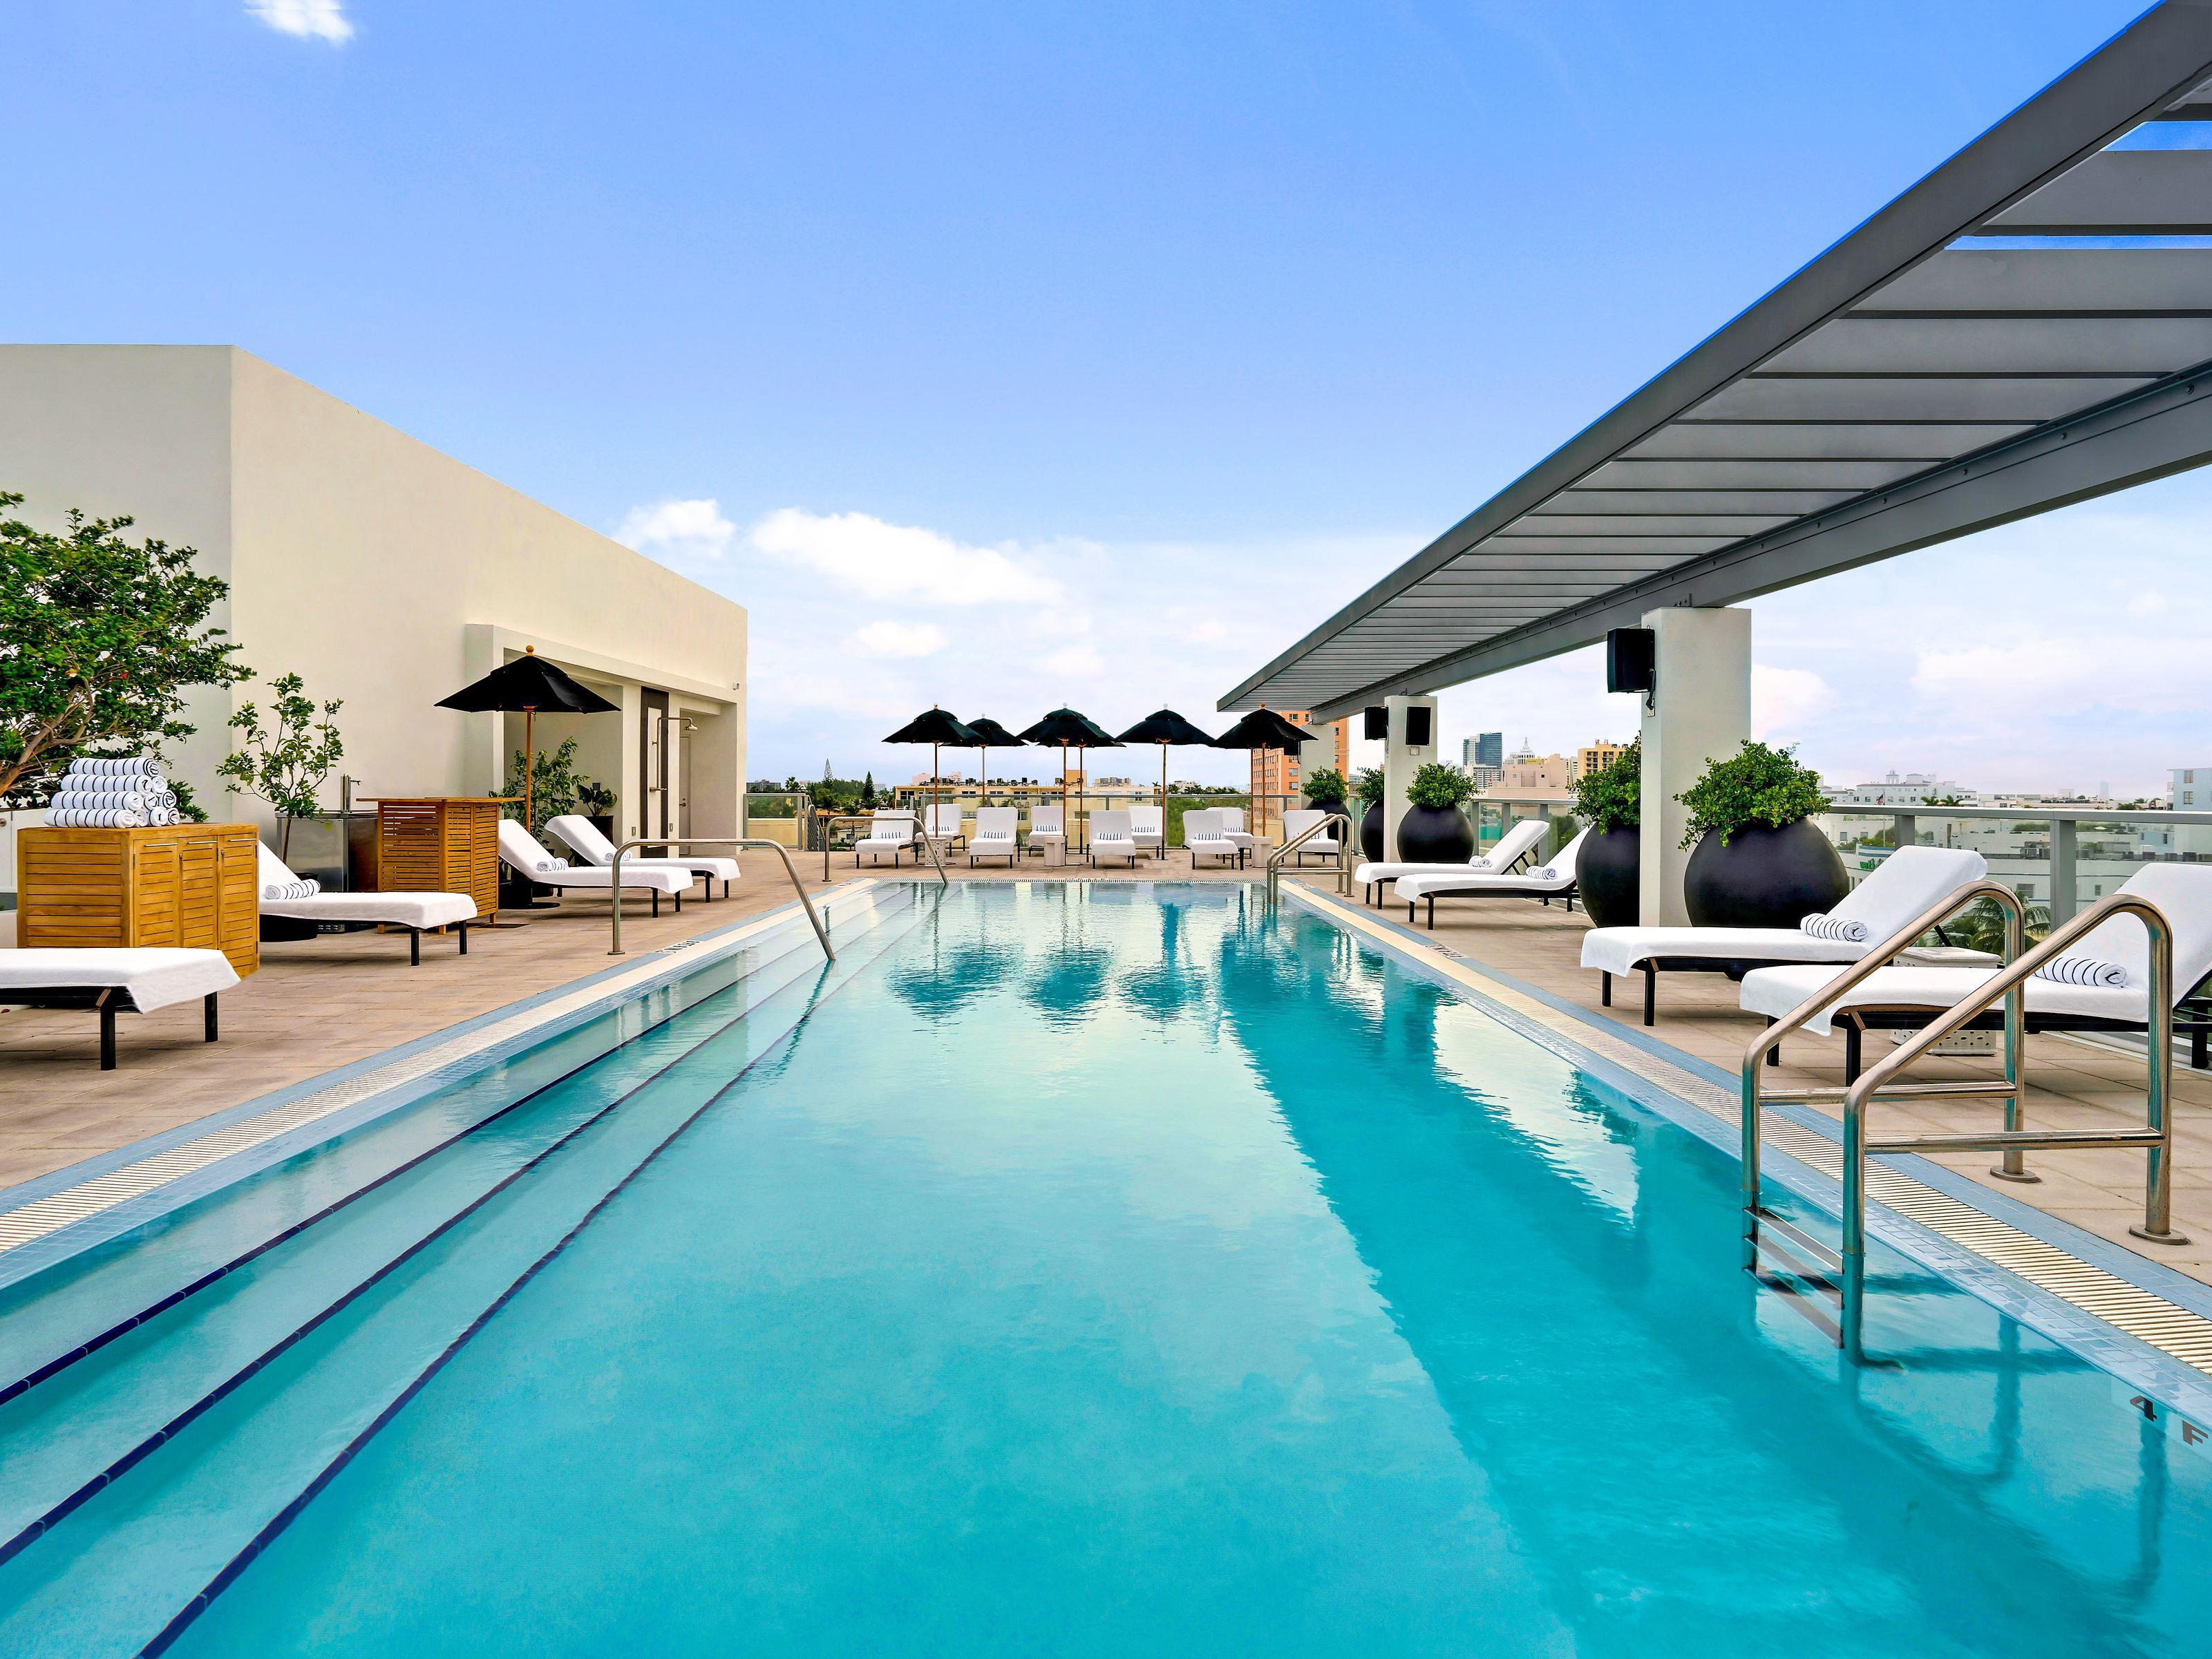 Hotels Near University of Miami in Miami, Florida